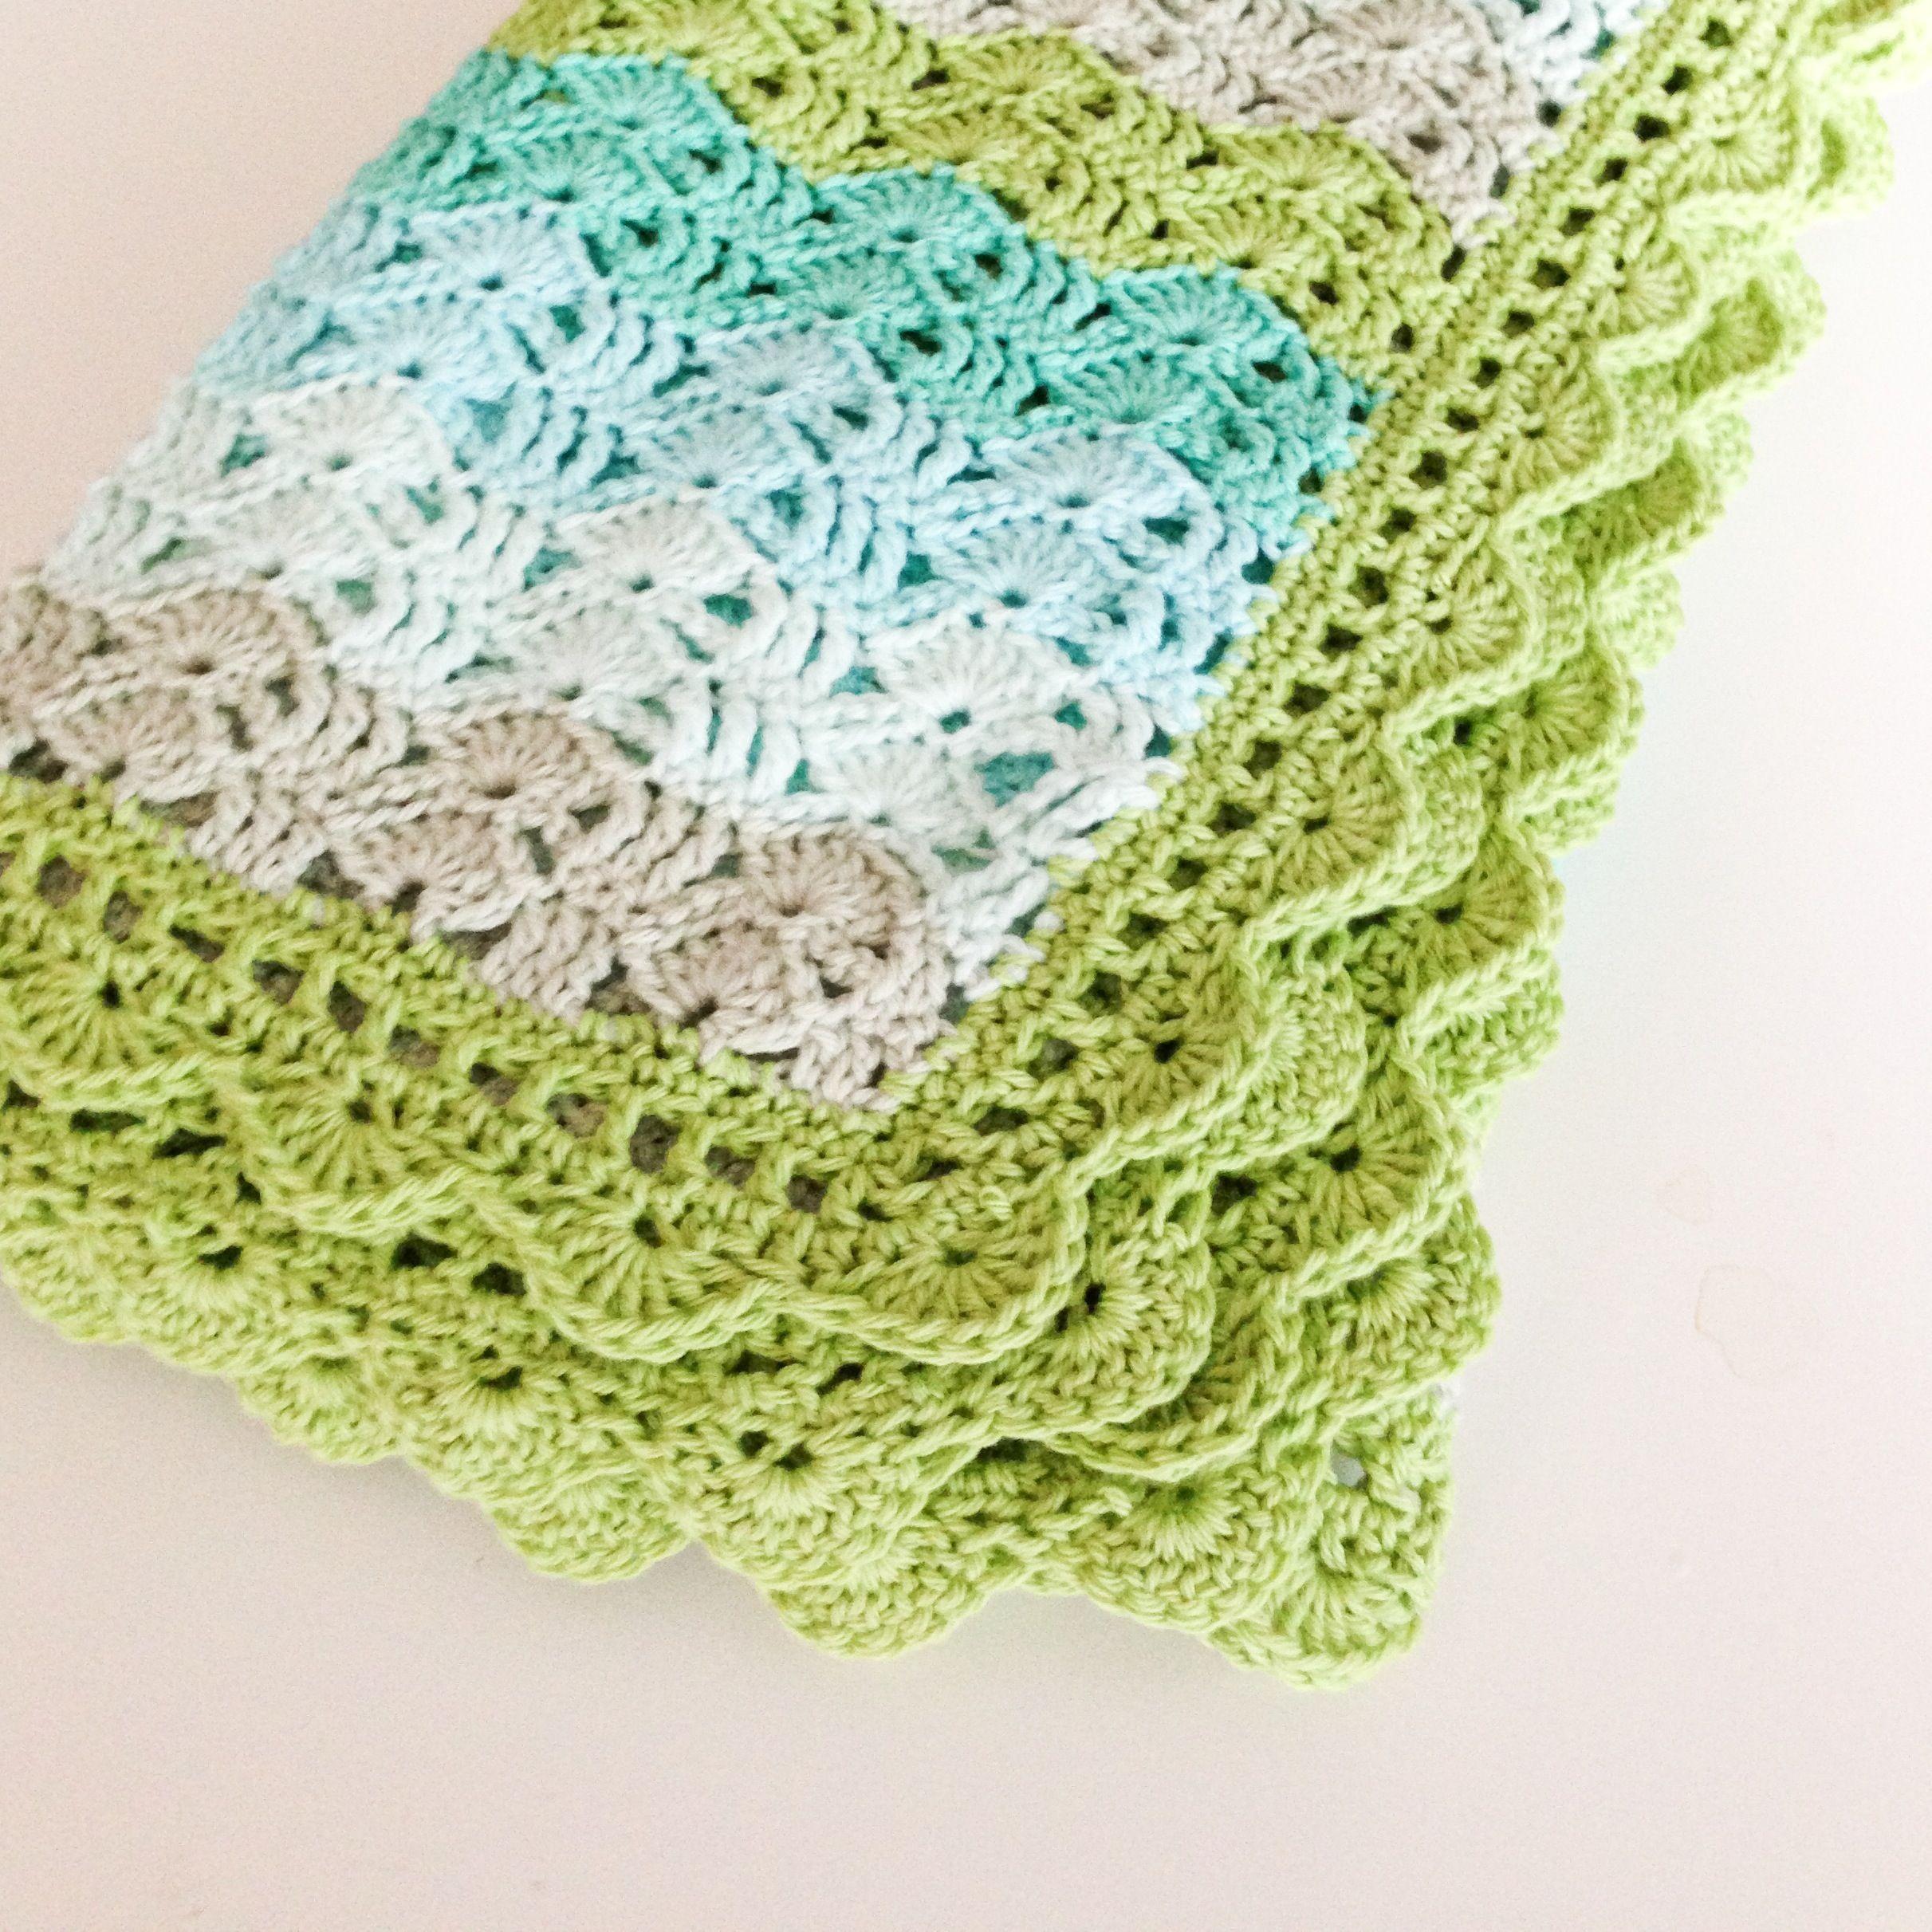 crochet baby blanket decken pinterest decken h keln und h kelborten. Black Bedroom Furniture Sets. Home Design Ideas